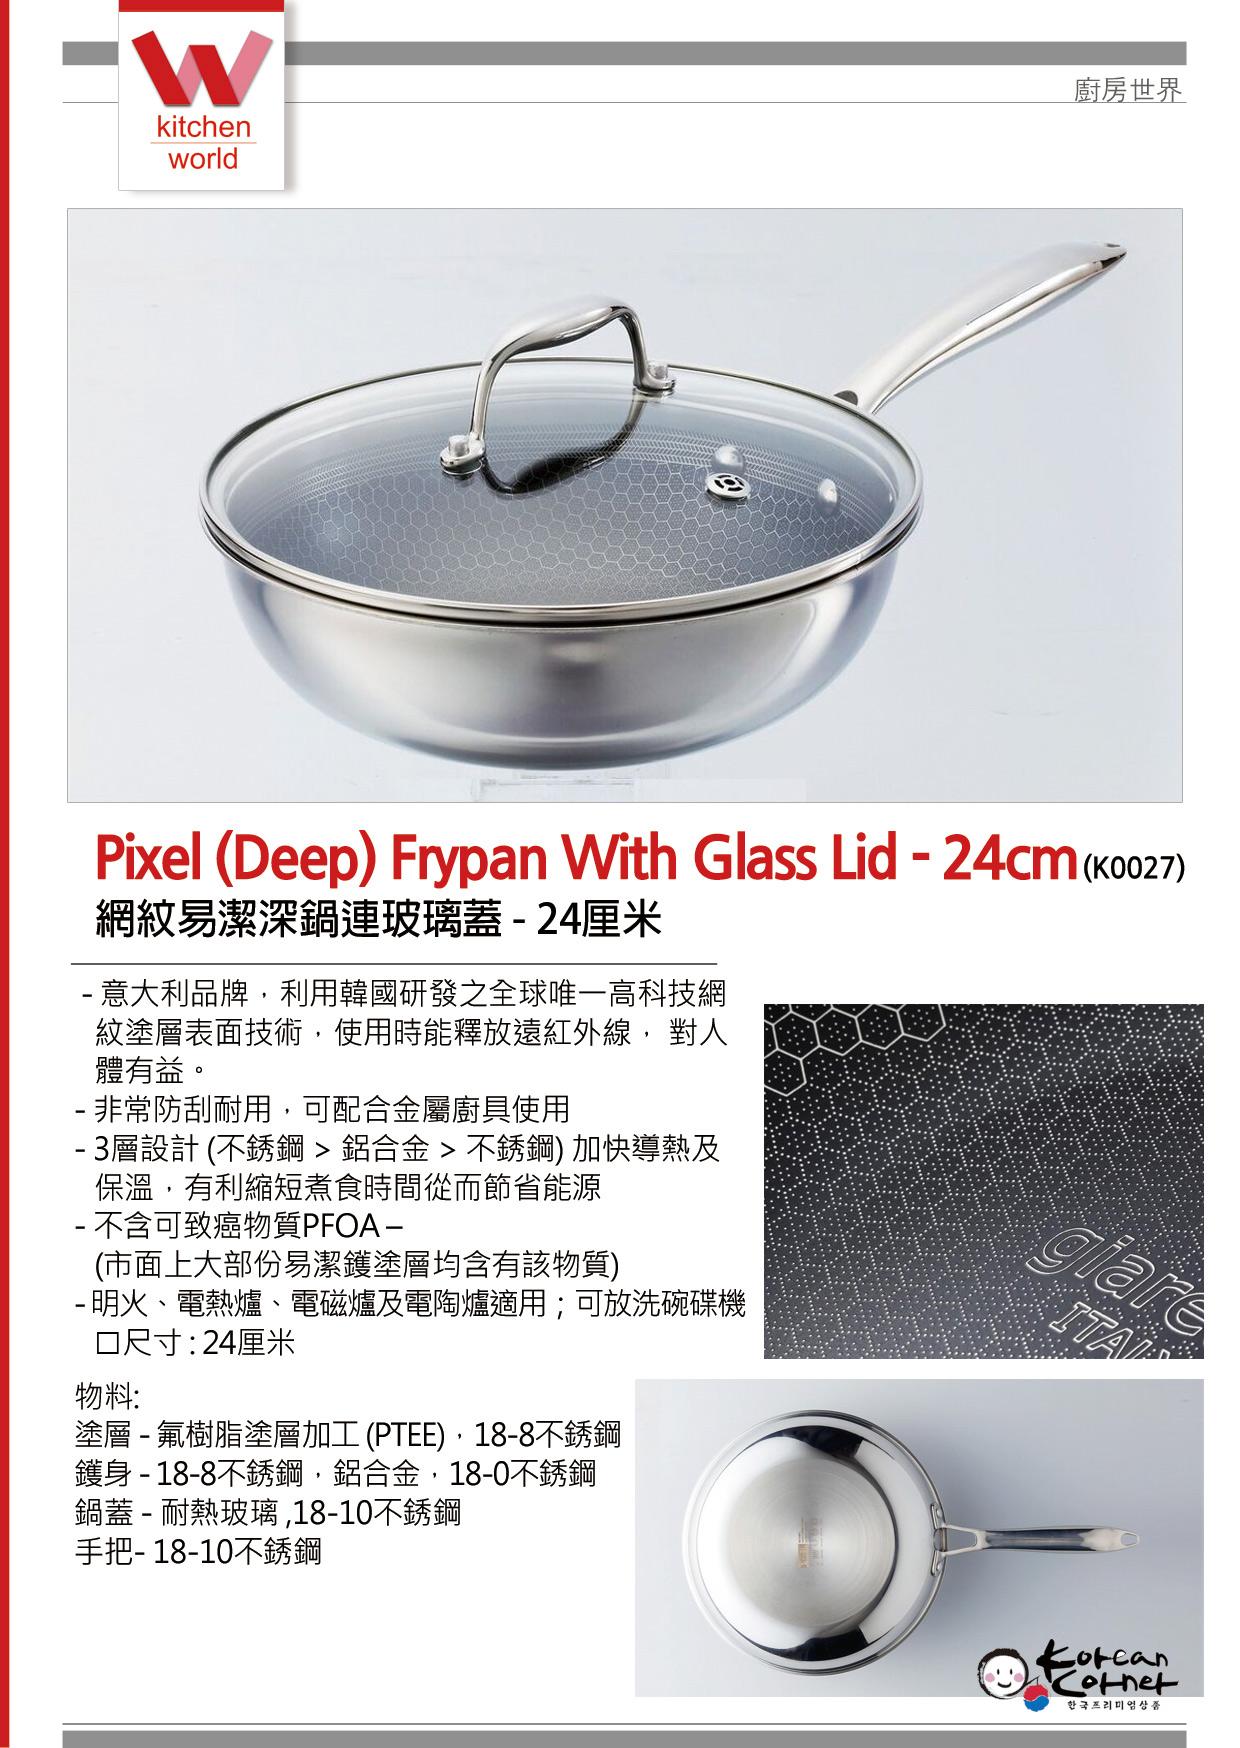 網紋易潔深鍋連玻璃蓋 - 24厘米_廚房世界_Korean Corner